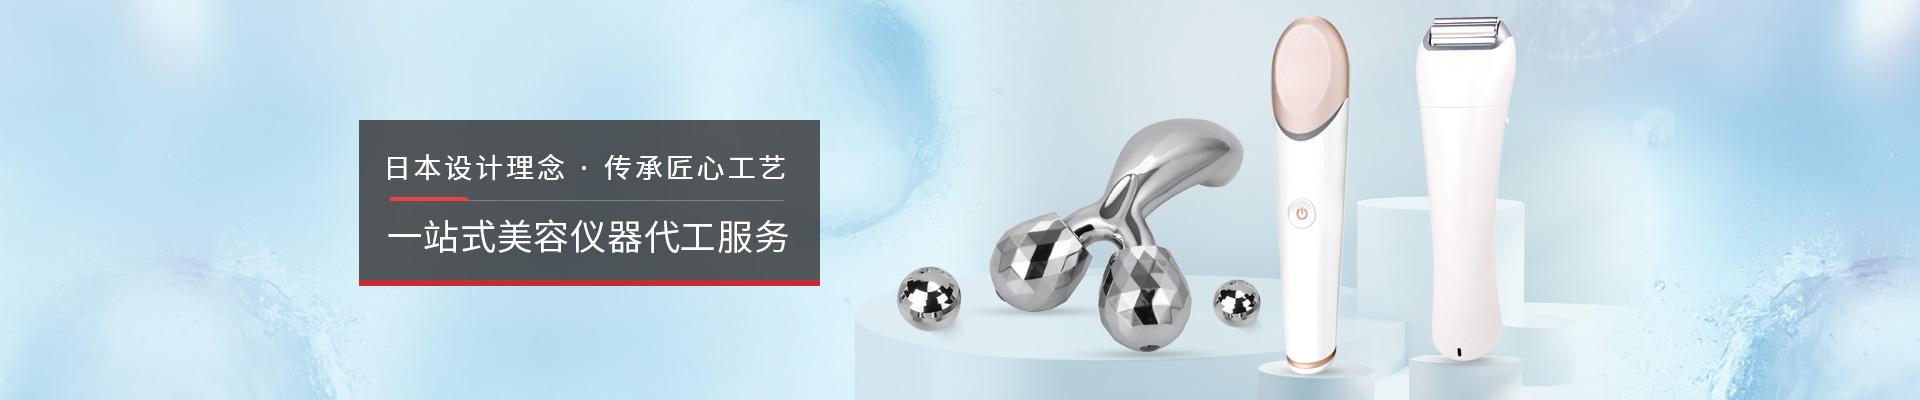 马驰科美容仪器代工-日本设计理念,传承匠心工艺